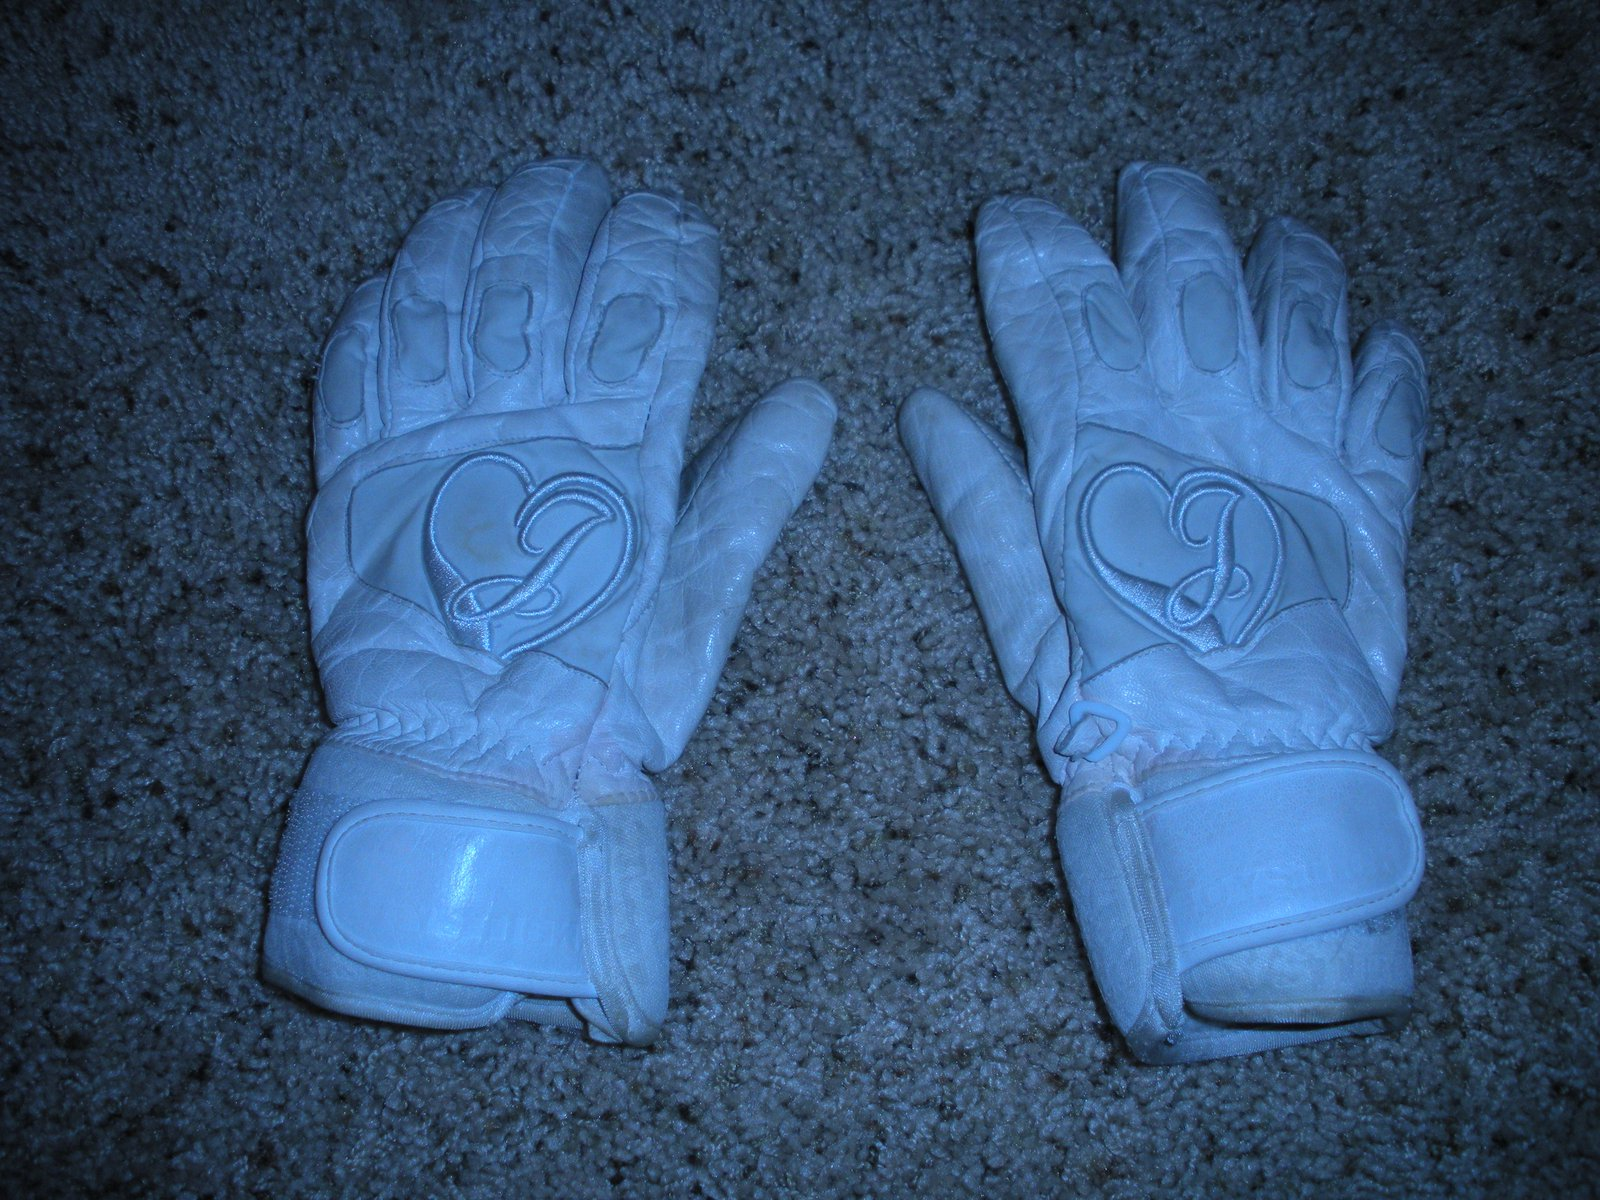 Joystick gloves 1